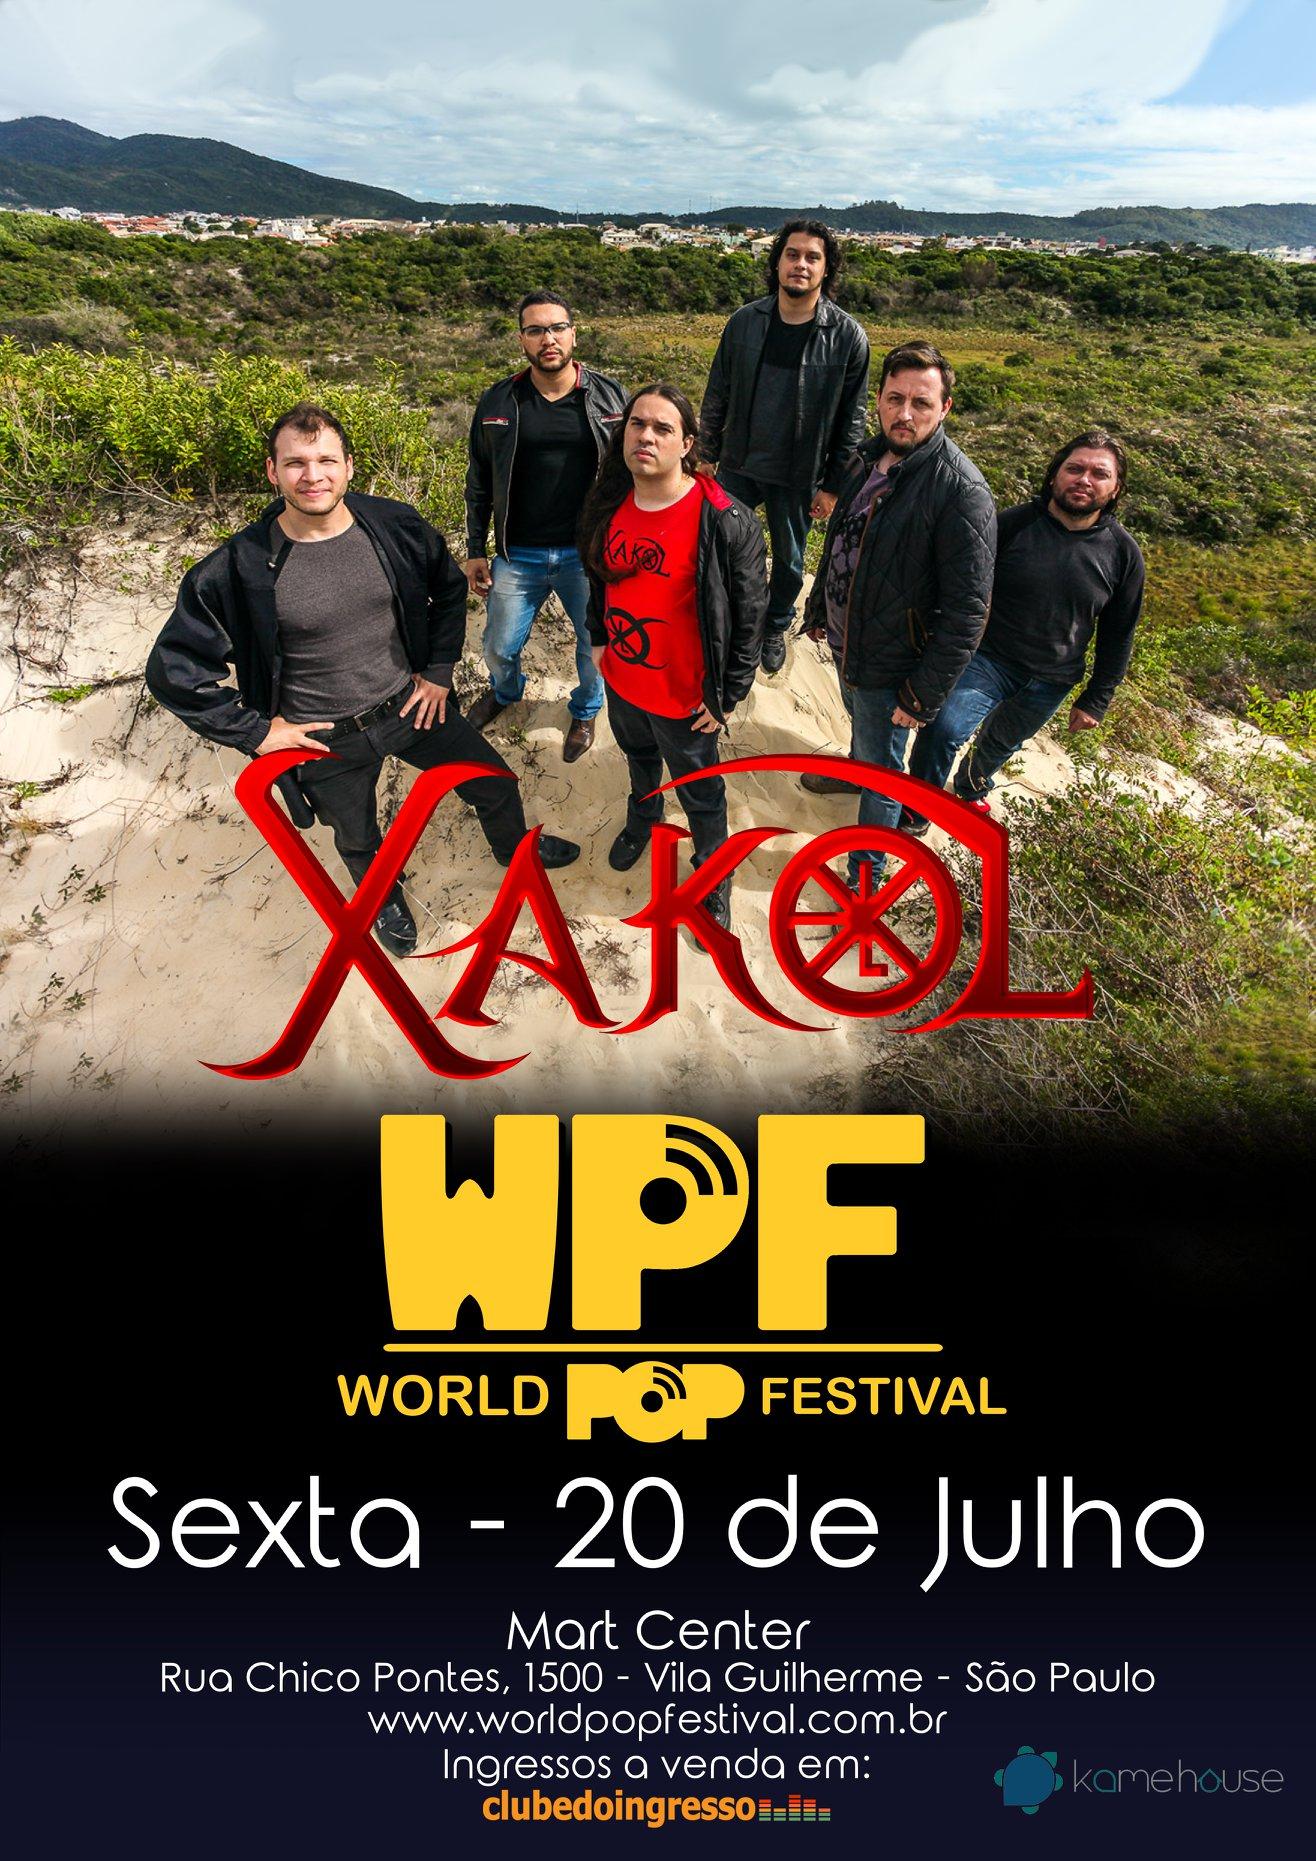 worldpopfestival2